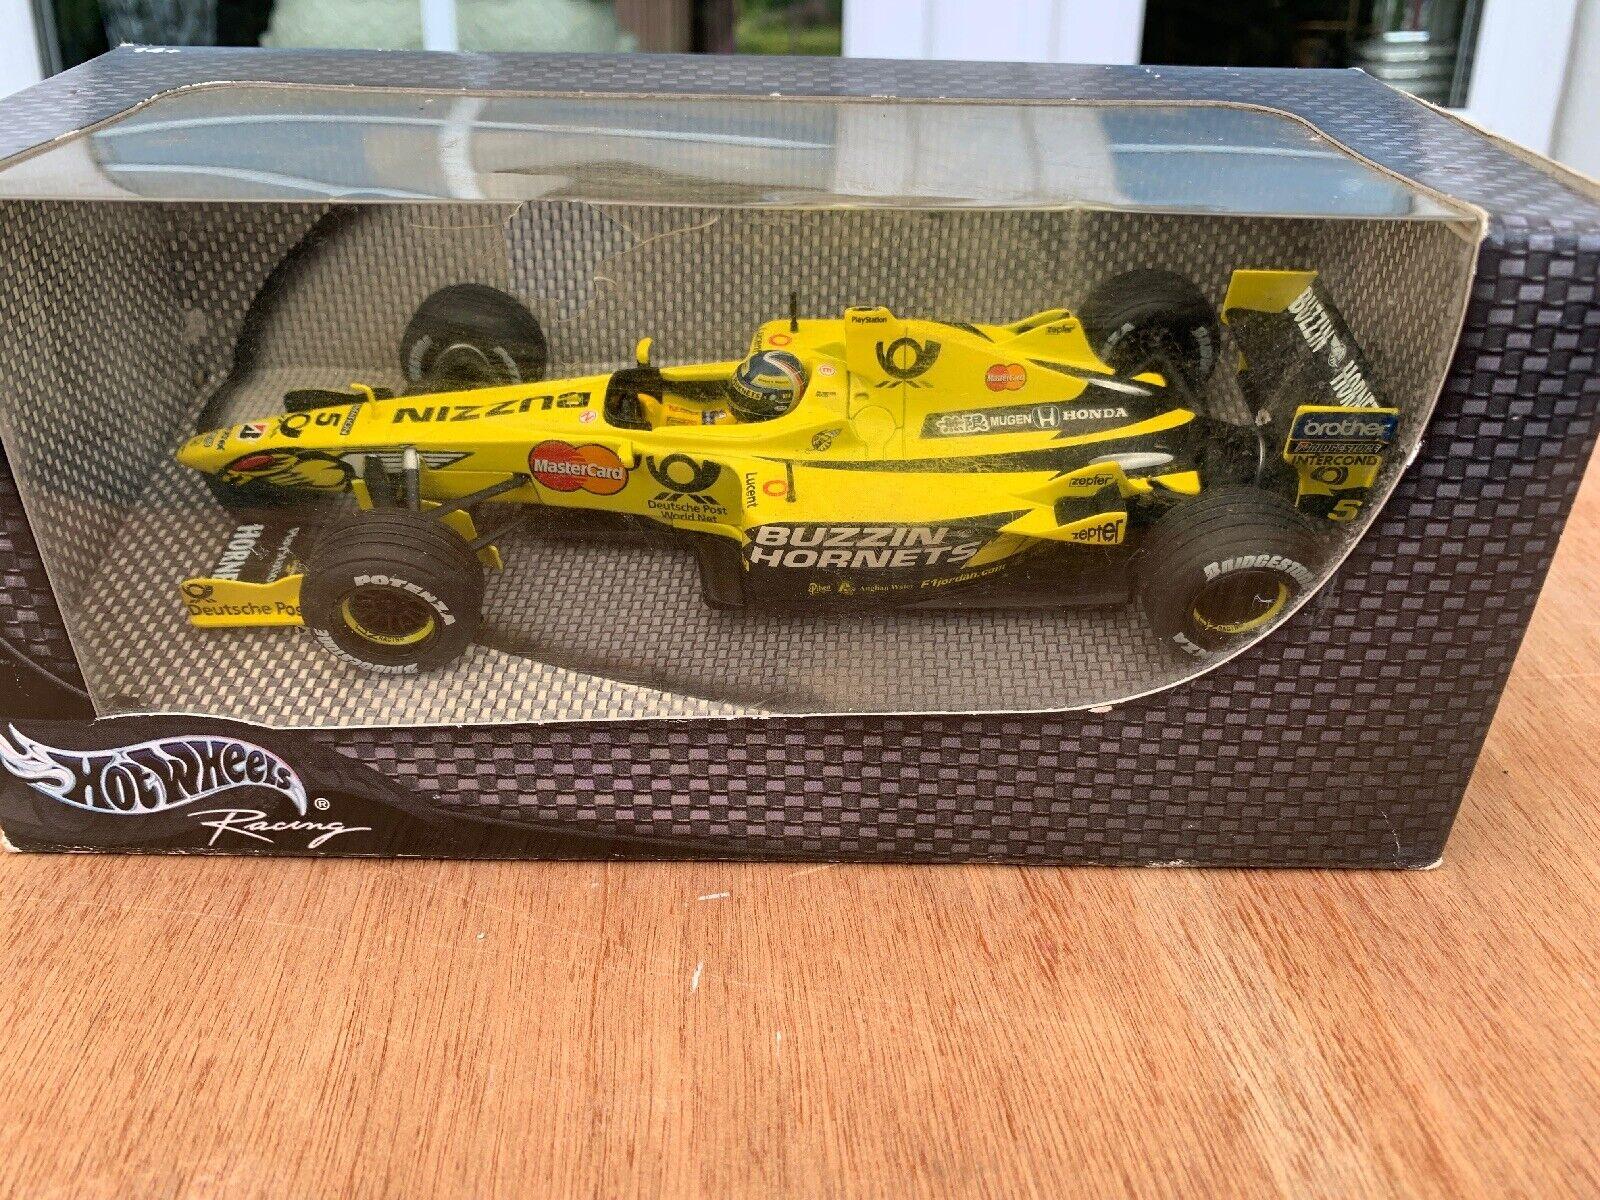 HOT WHEELS RACING F1 Jordan Buzzin Hornets Formula 1 Car Edde Post Gelb